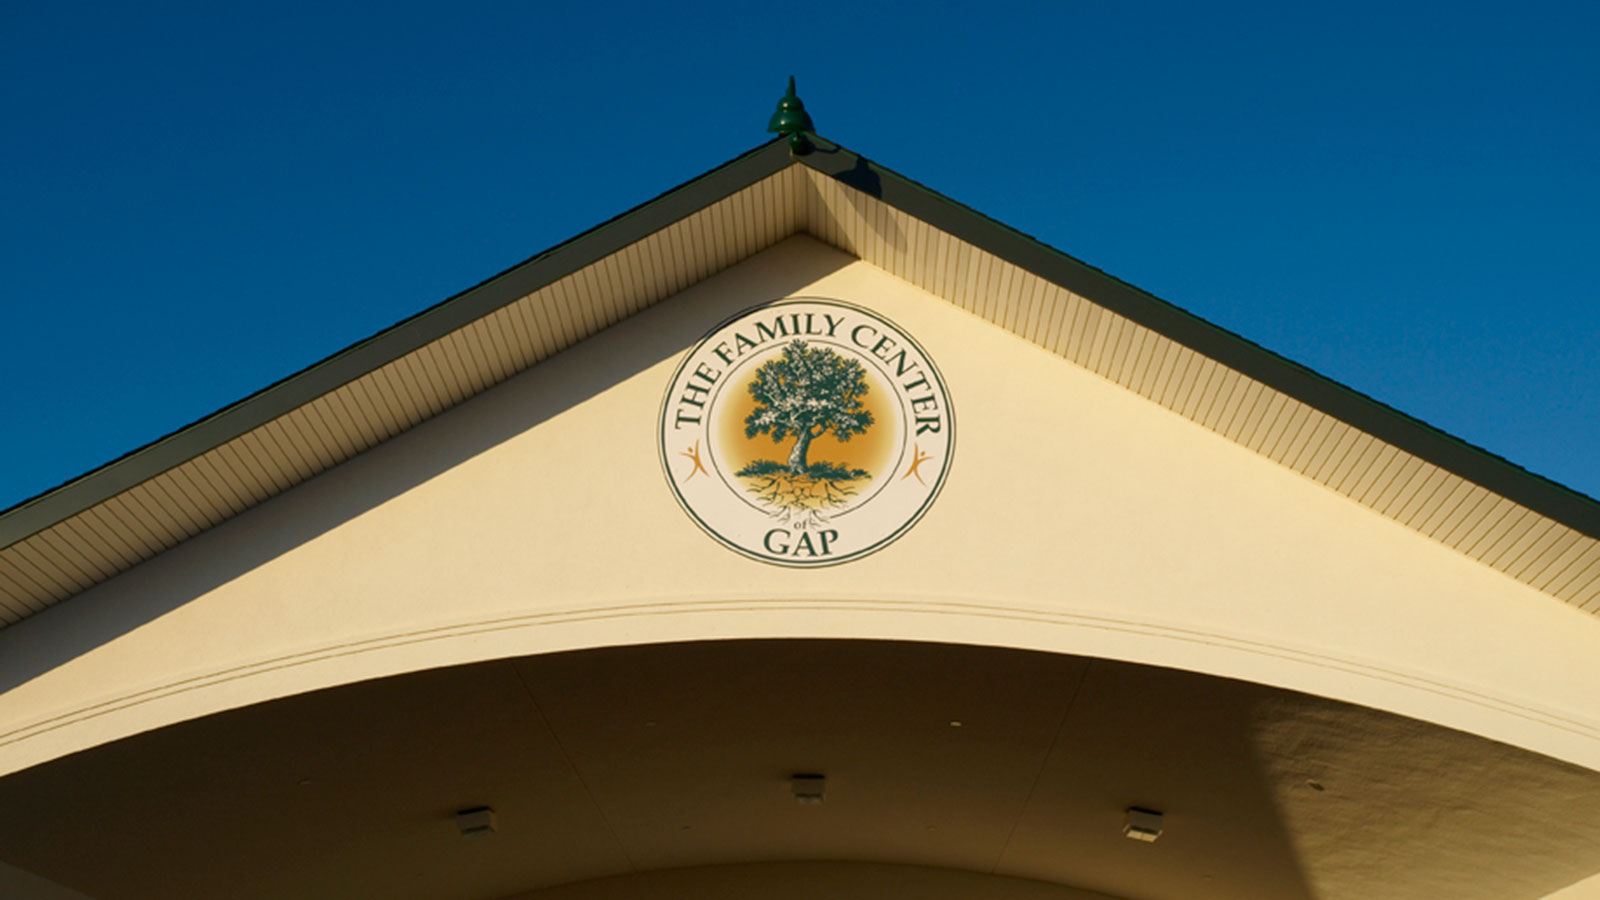 Family-Center-of-Gap-Exterior.jpg